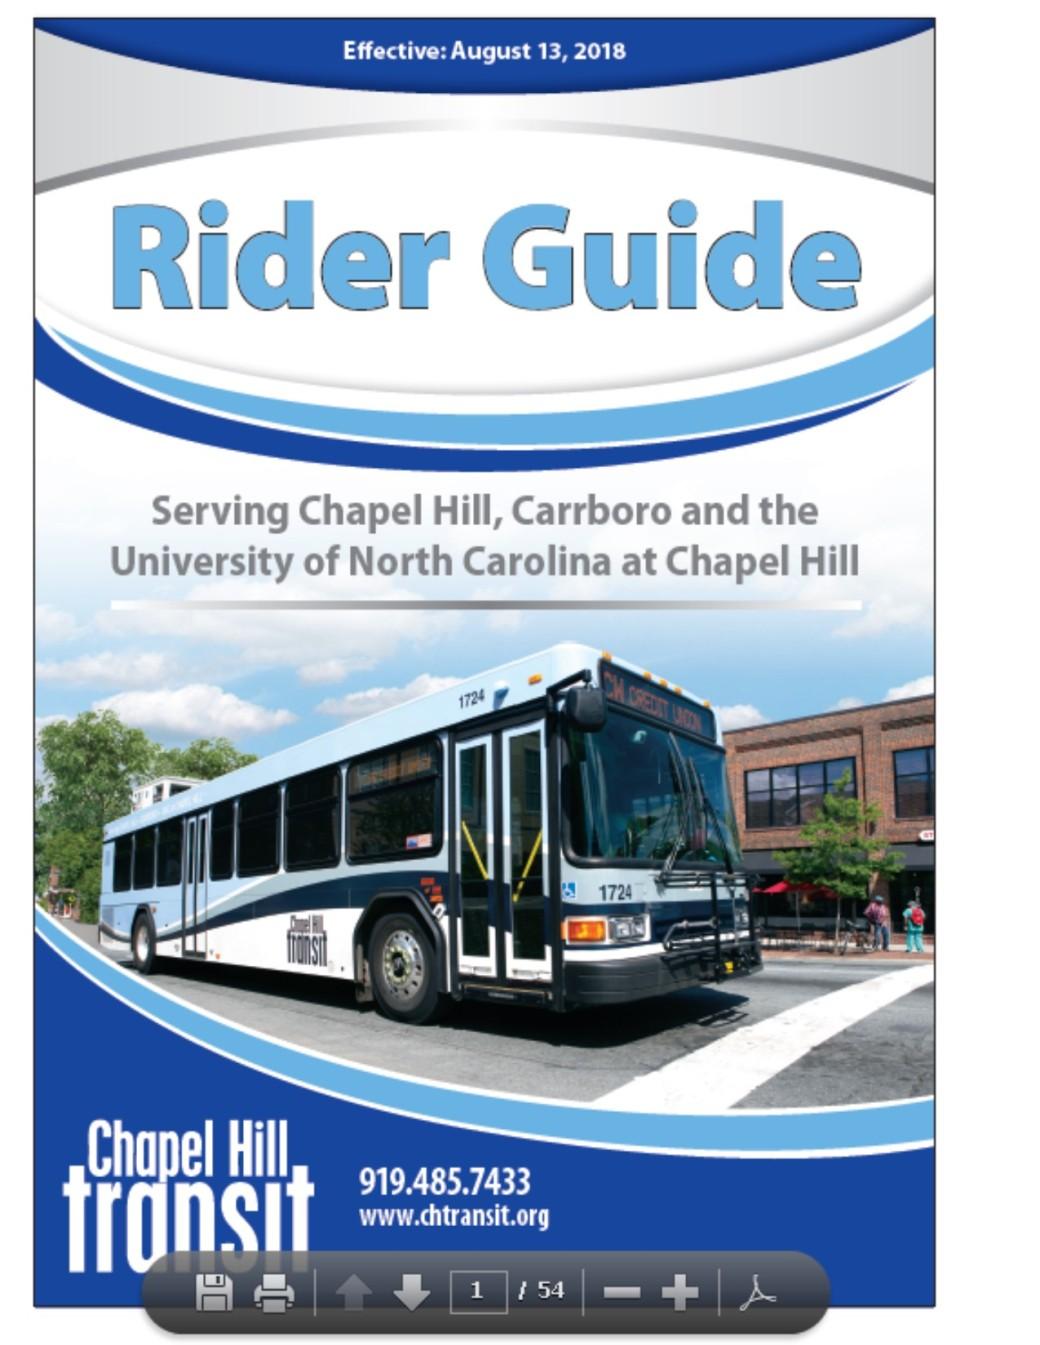 Rider Guide